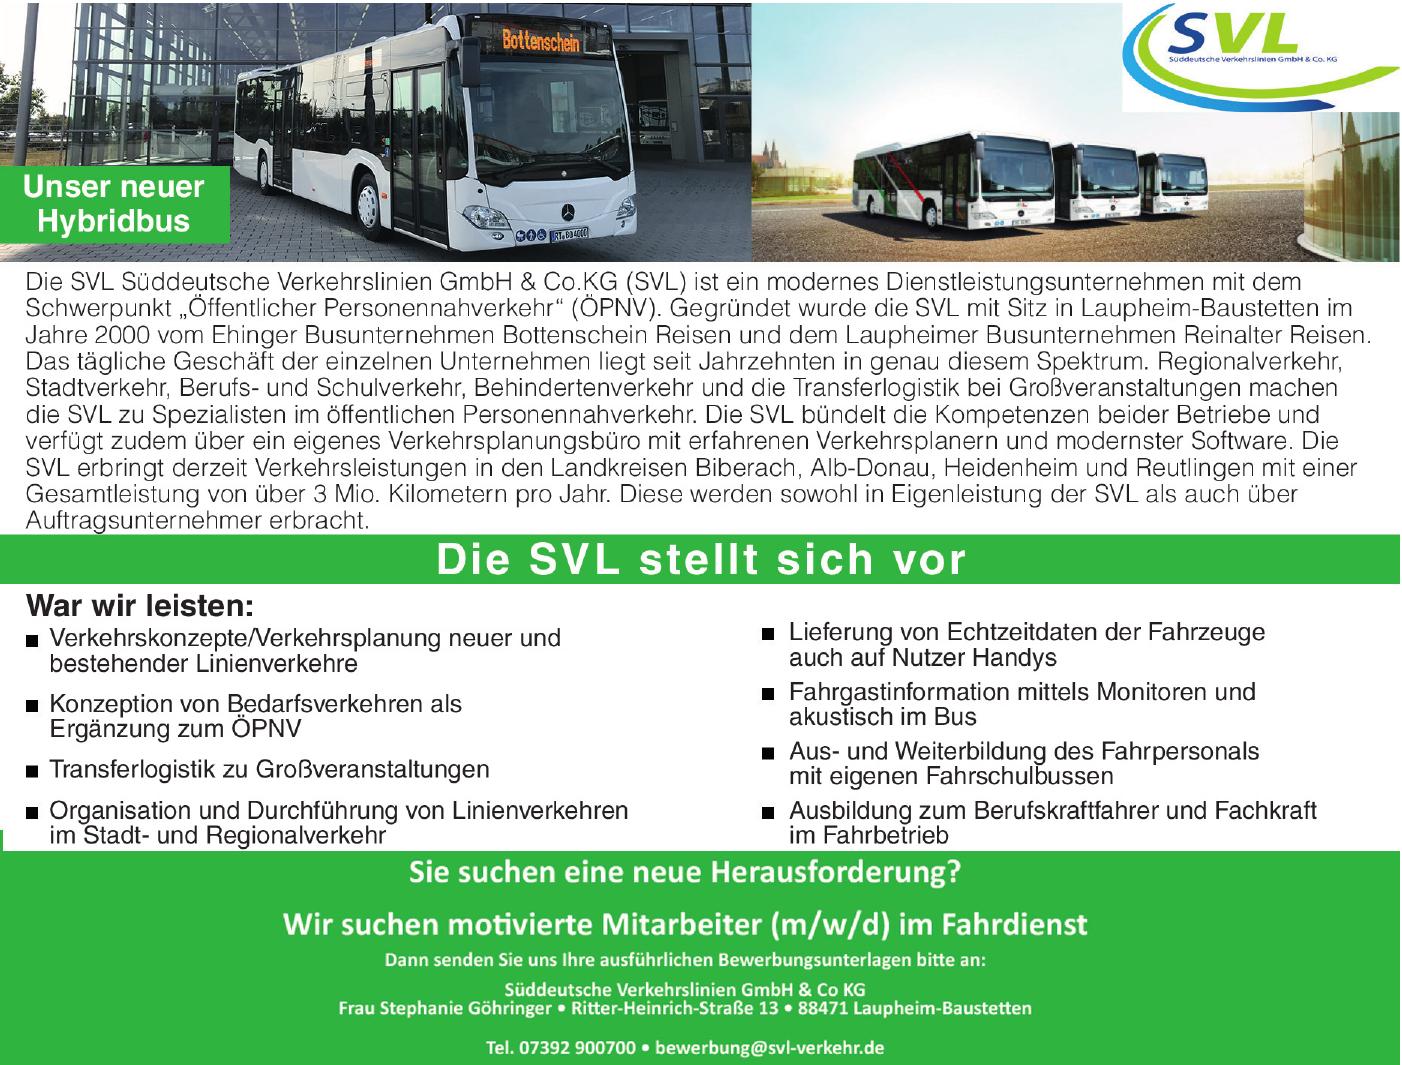 Süddeutsch Verkehrslinien GmbH & Co KG